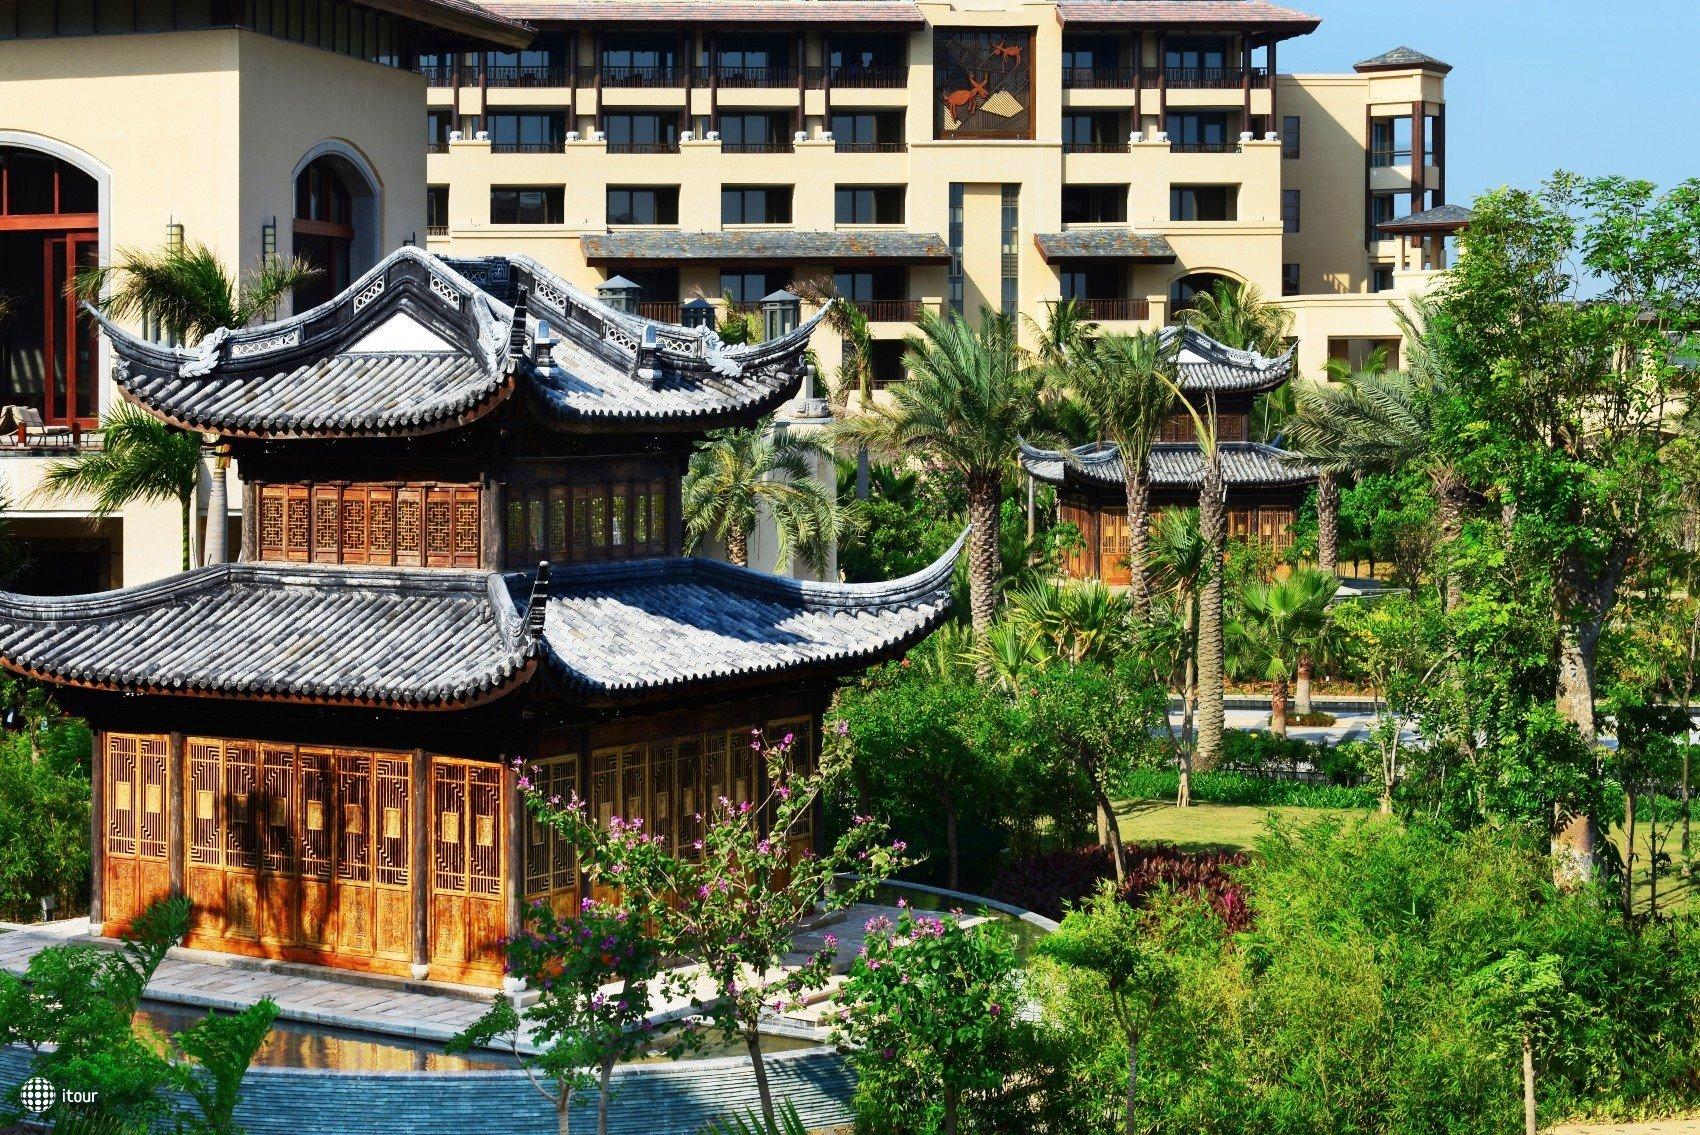 Kempinski Hotel Haitang Bay Sanya 2